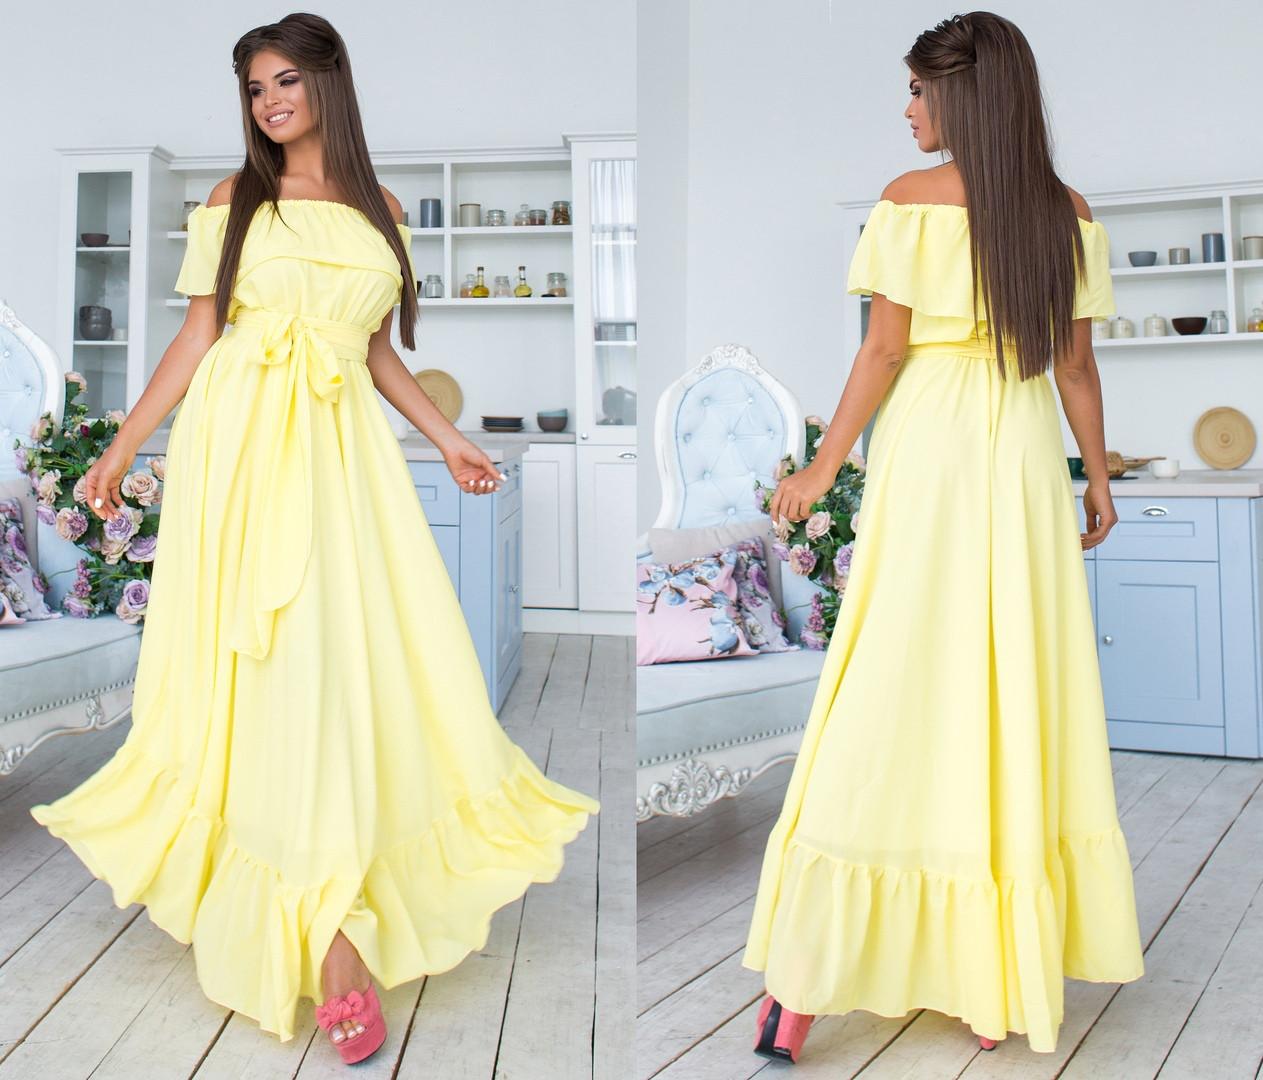 22987b6d4fbf982 Длинное шифоновое платье с поясом. Лимонное, 5 цветов. Р-р: 42-44-46 ...